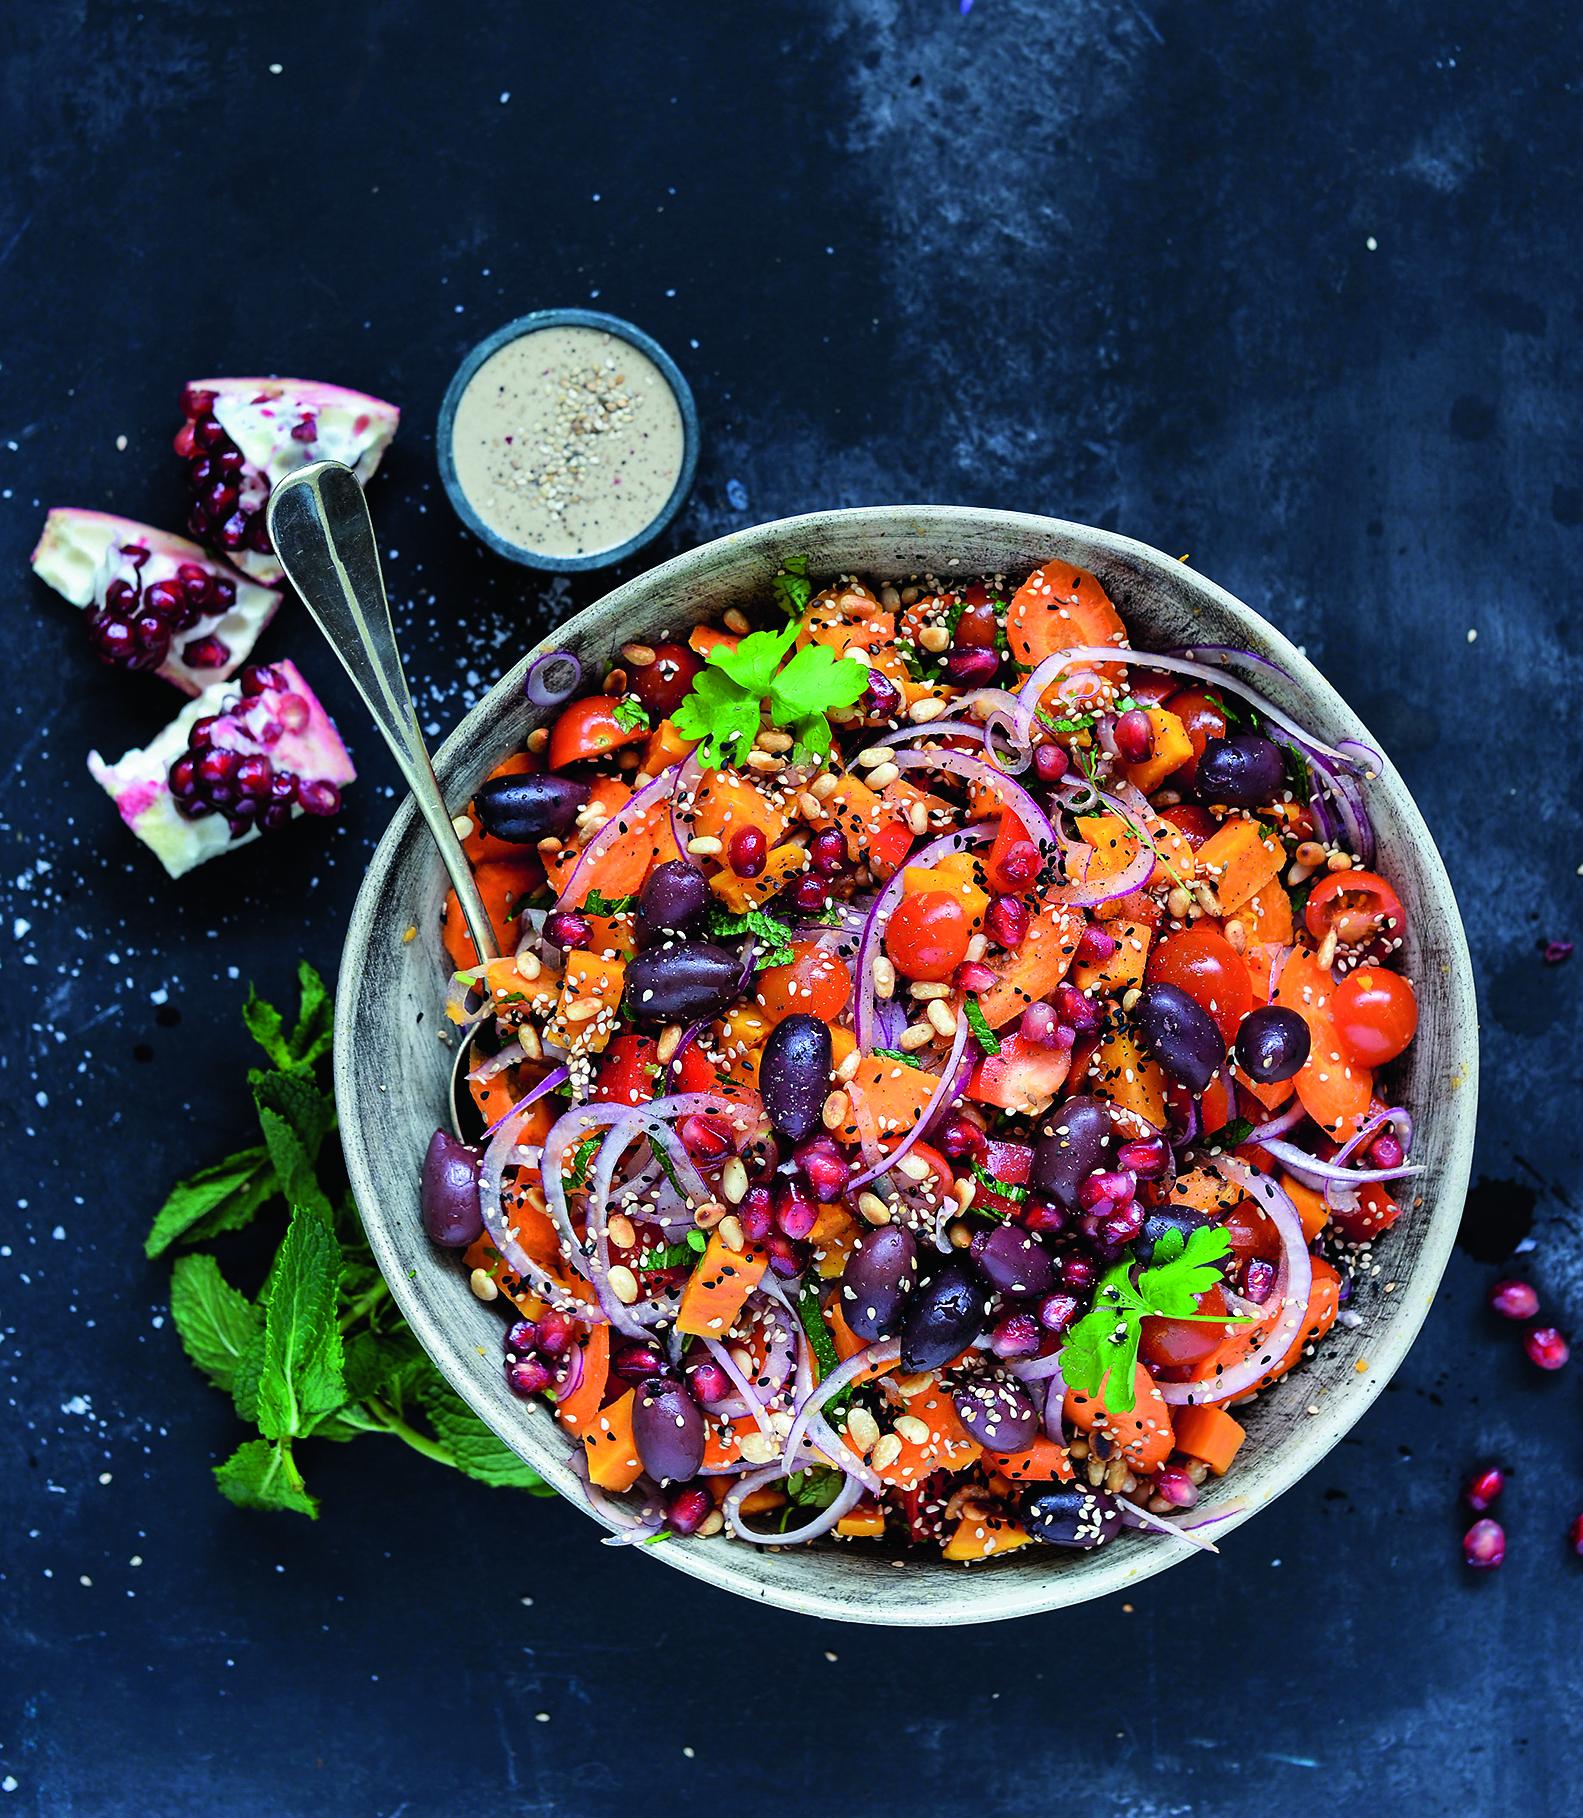 solskinssalat marokkansk sunde skåle bog